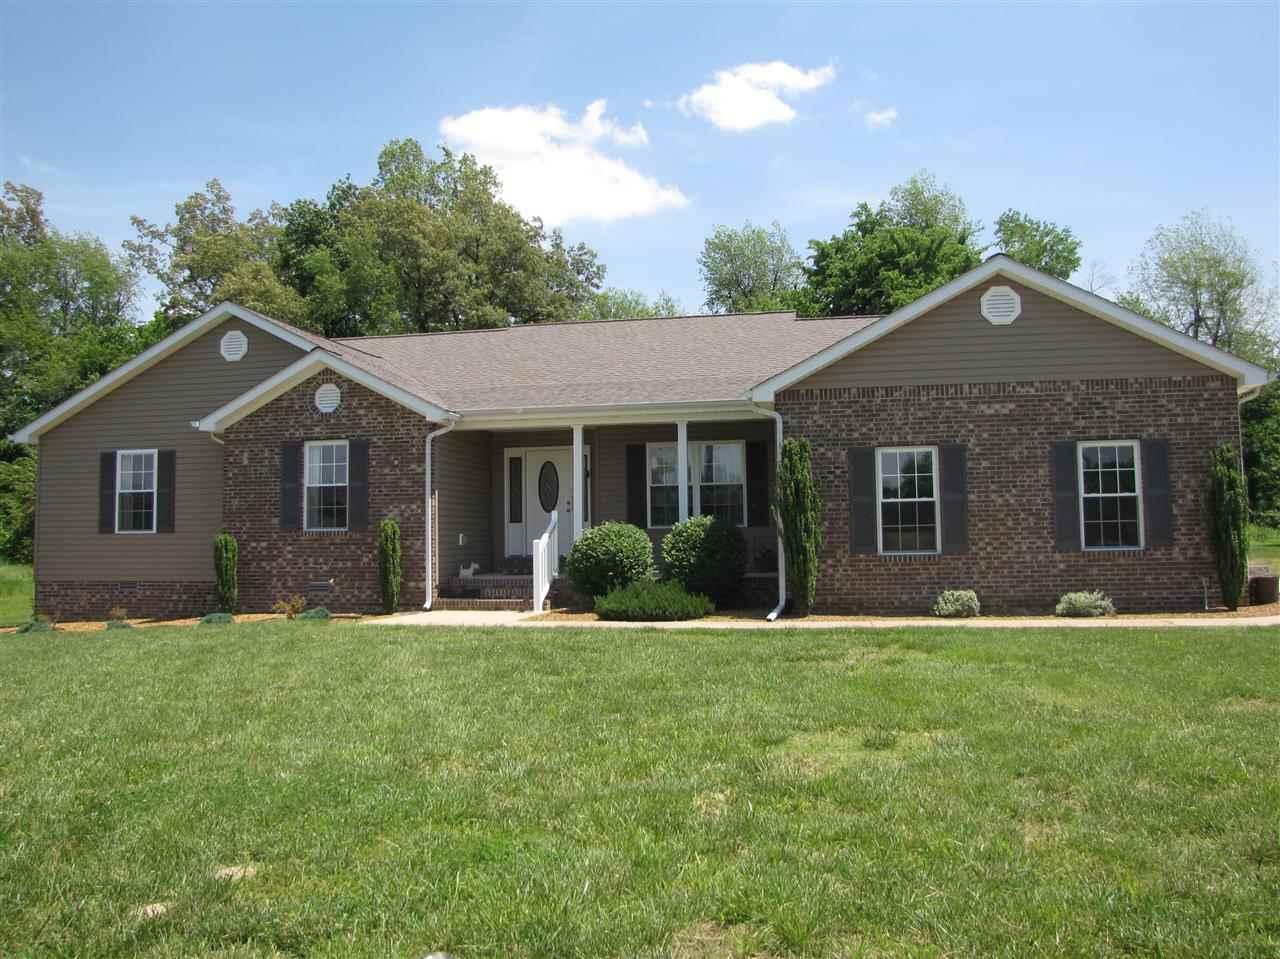 Real Estate for Sale, ListingId: 28272649, Kevil,KY42053